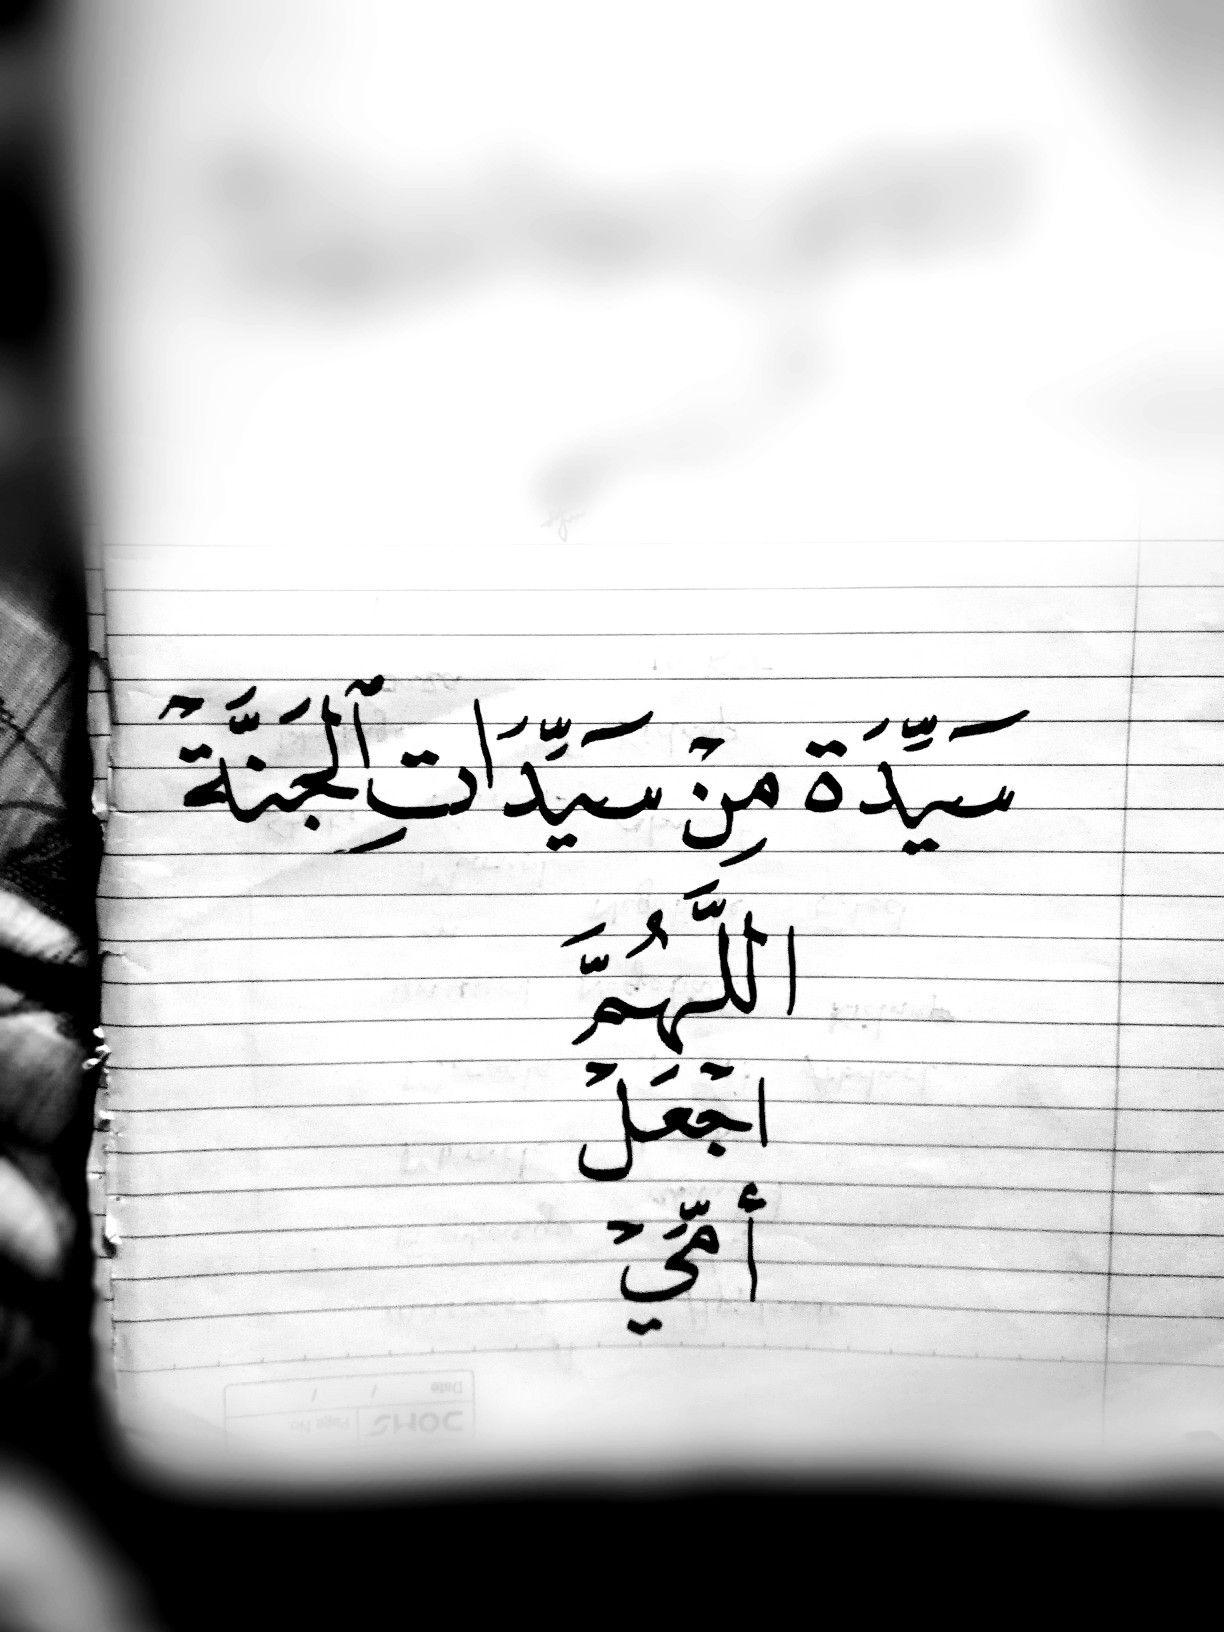 اللهم اجعل امي سيدة من سيدات اهل الجنة Math Handwriting Sheet Music